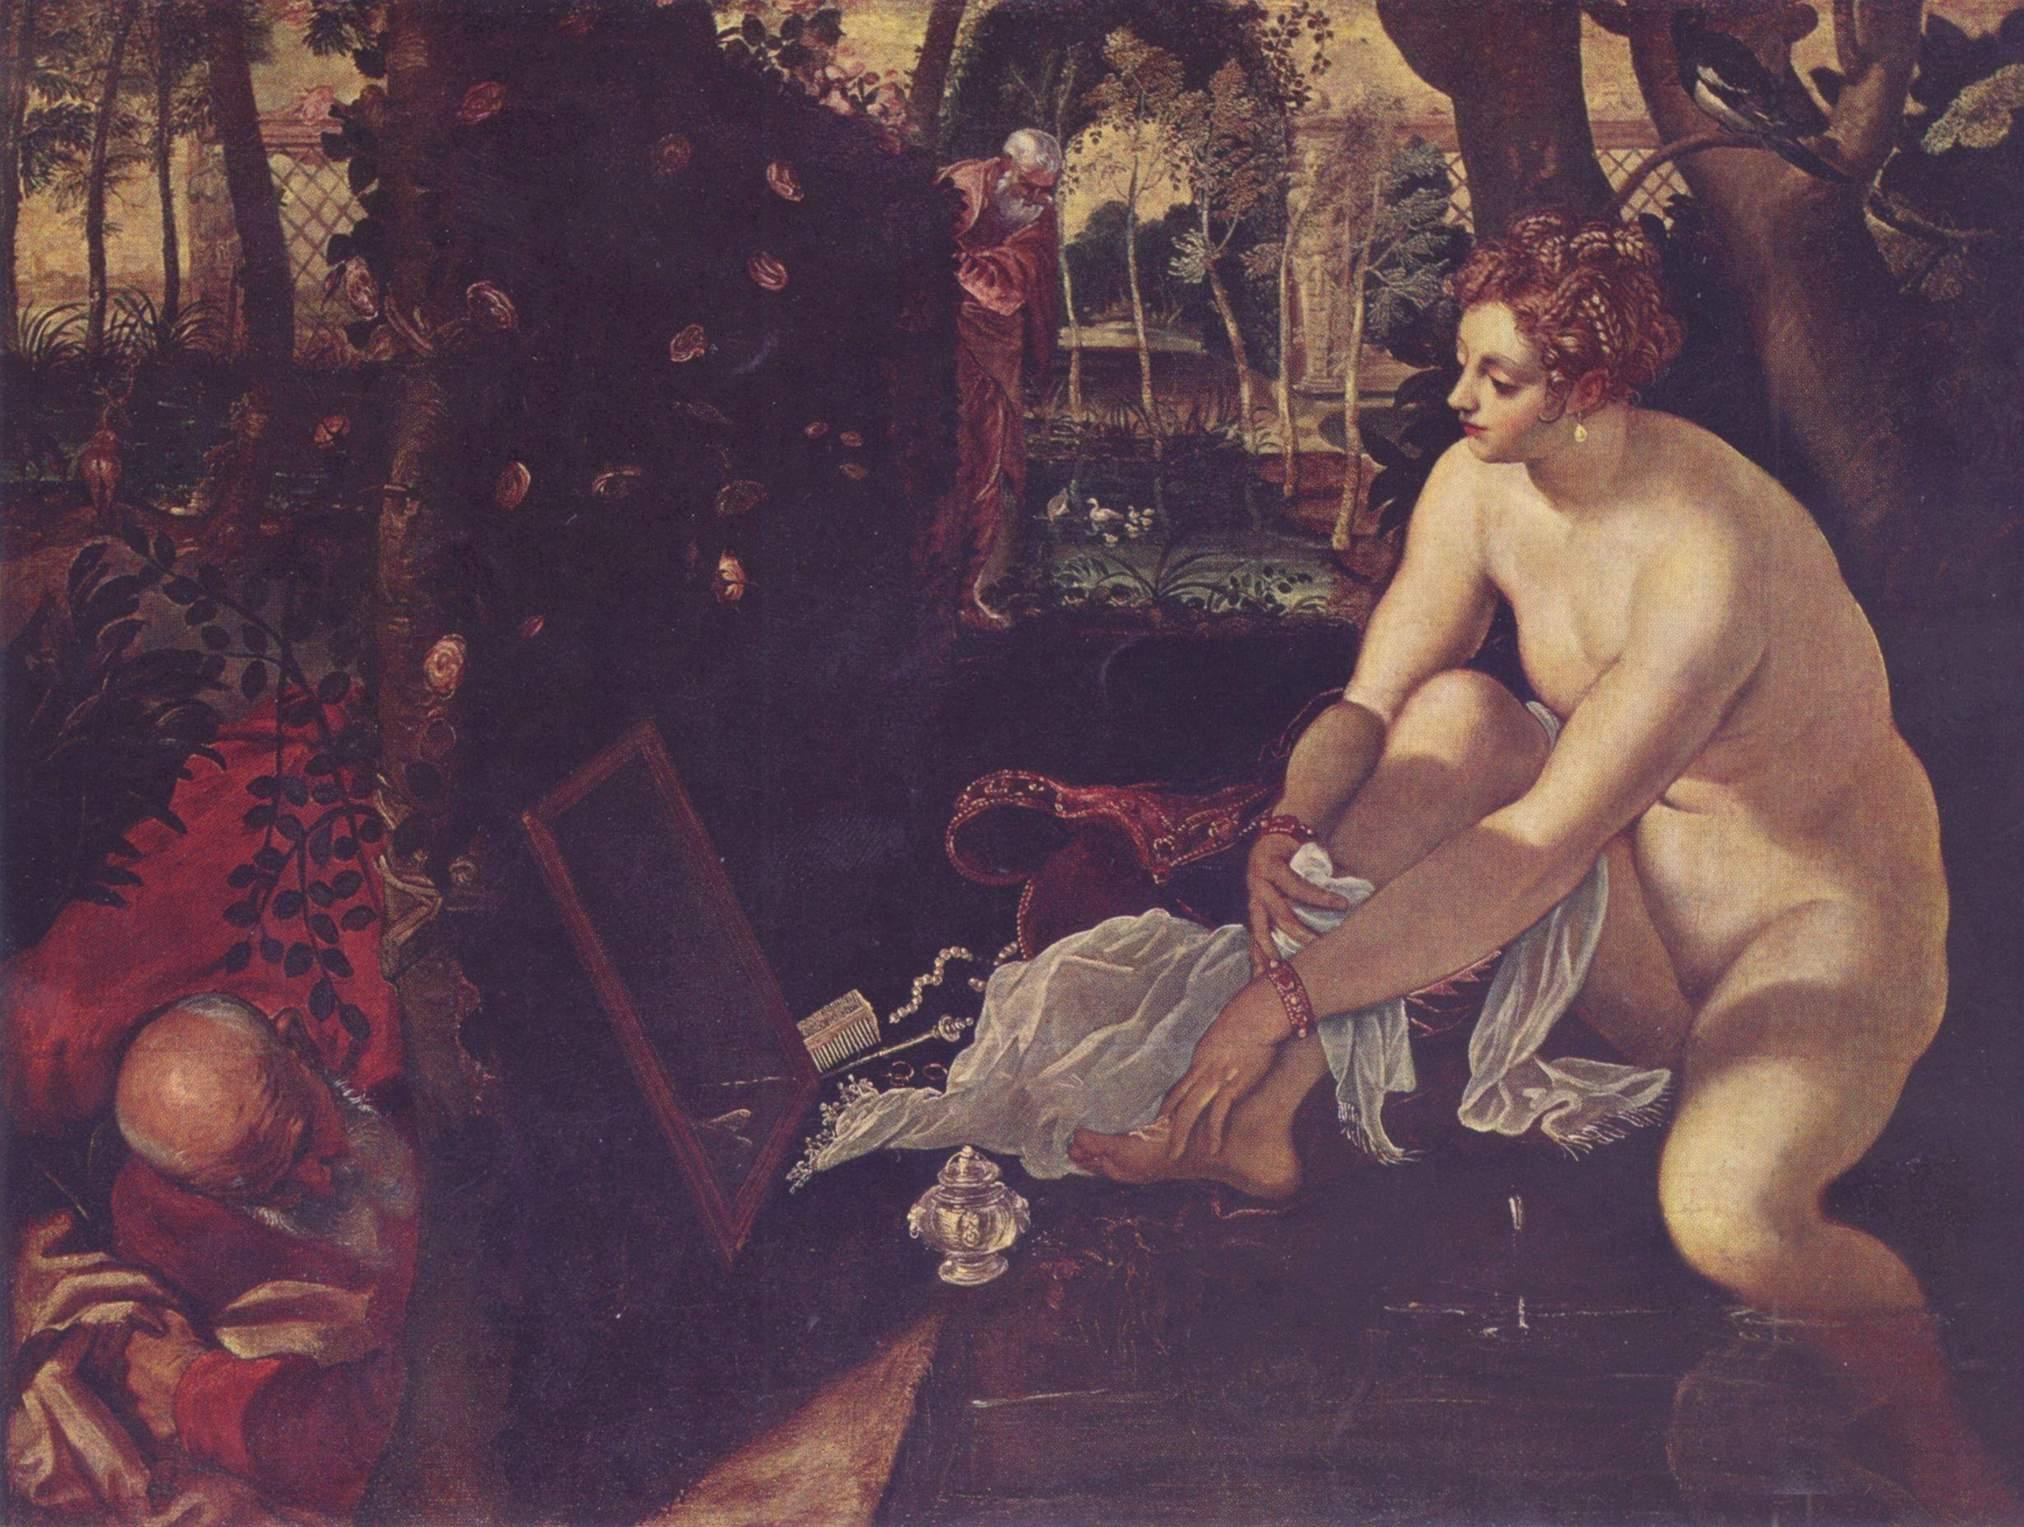 Susanna e i vecchioni - Tintoretto 1554 c.a.